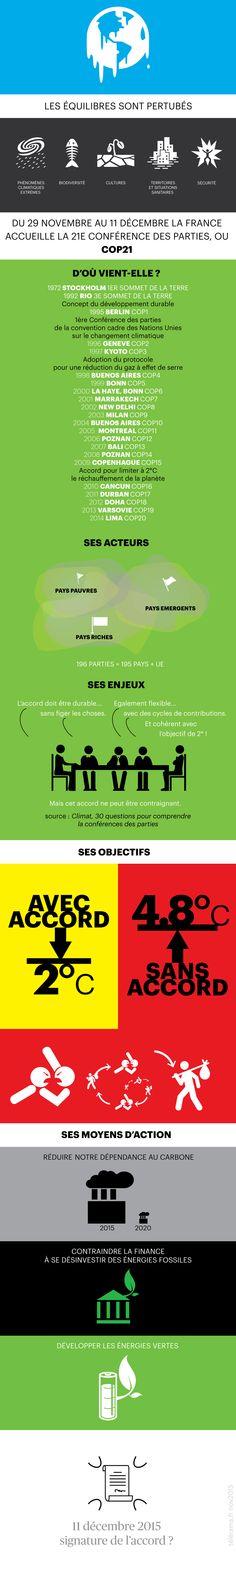 Infographie : la COP21 pour les nuls - Le monde bouge - Télérama.fr